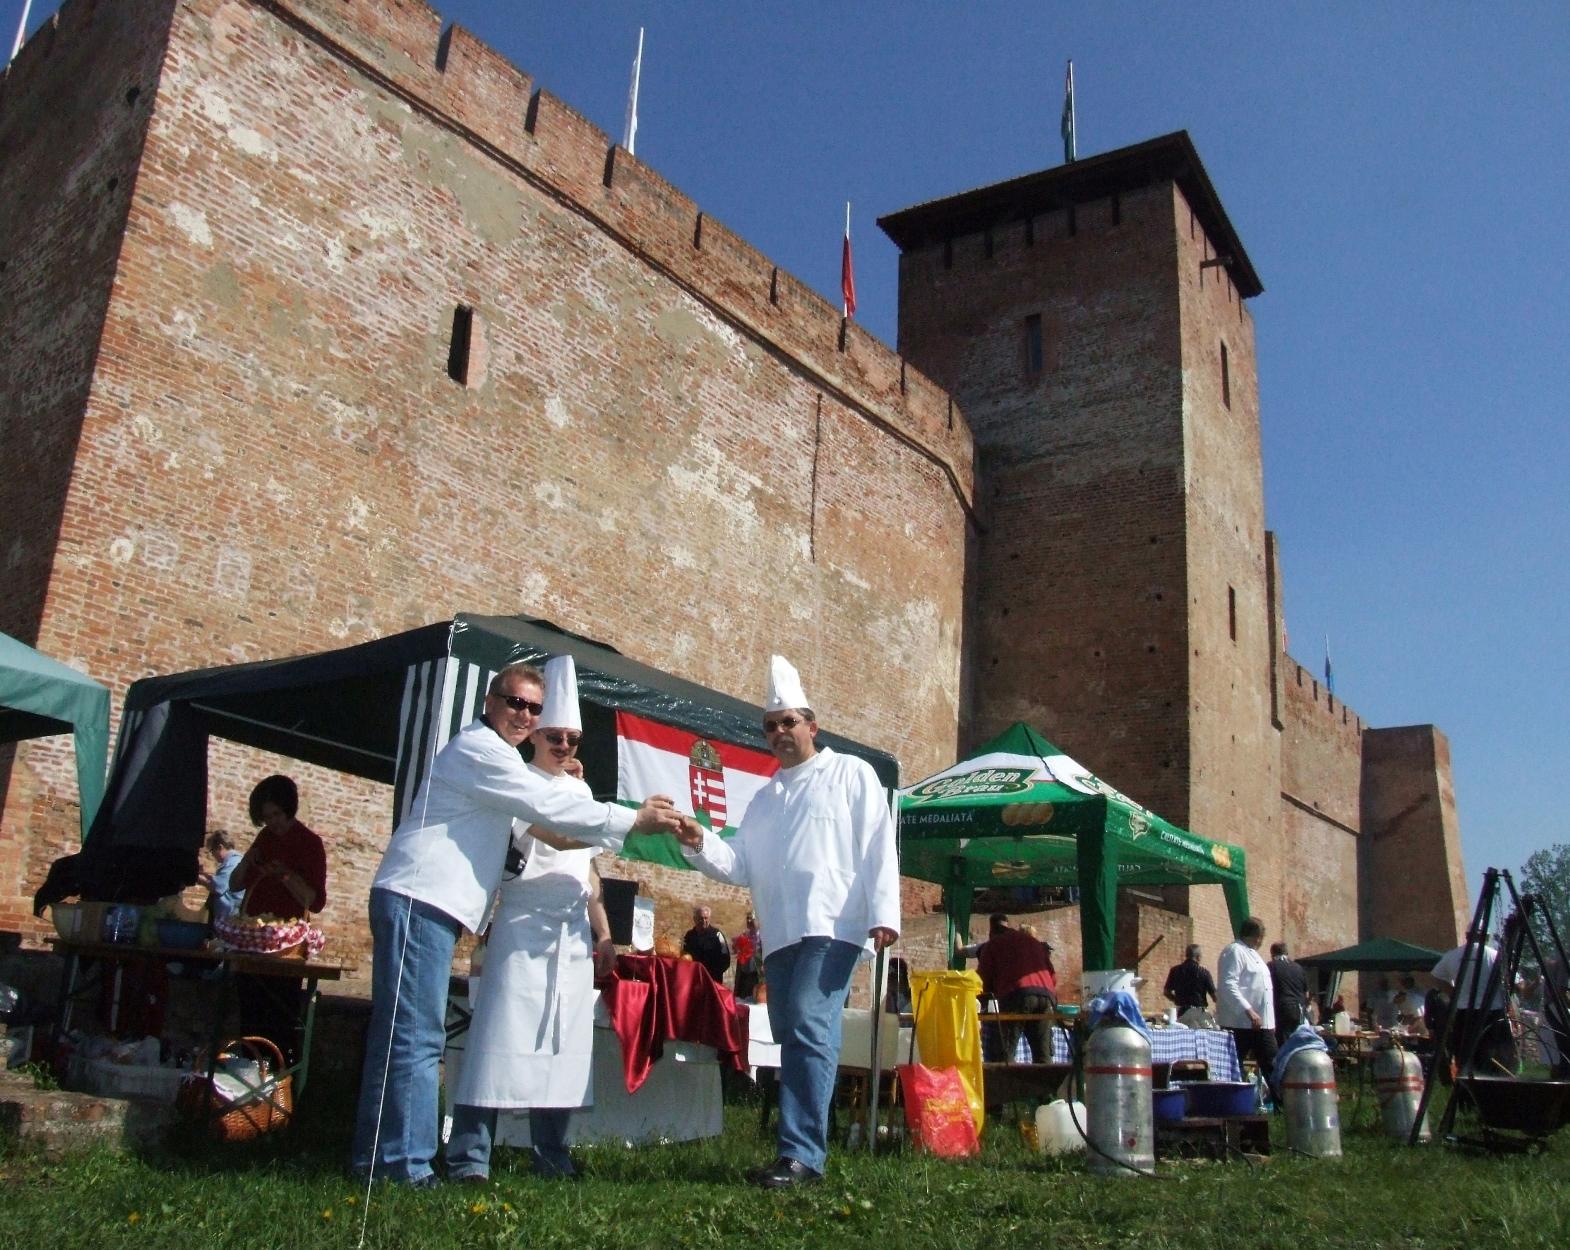 Gyulai_Pálinkafesztivál Főzzük körbe a várat verseny.jpg